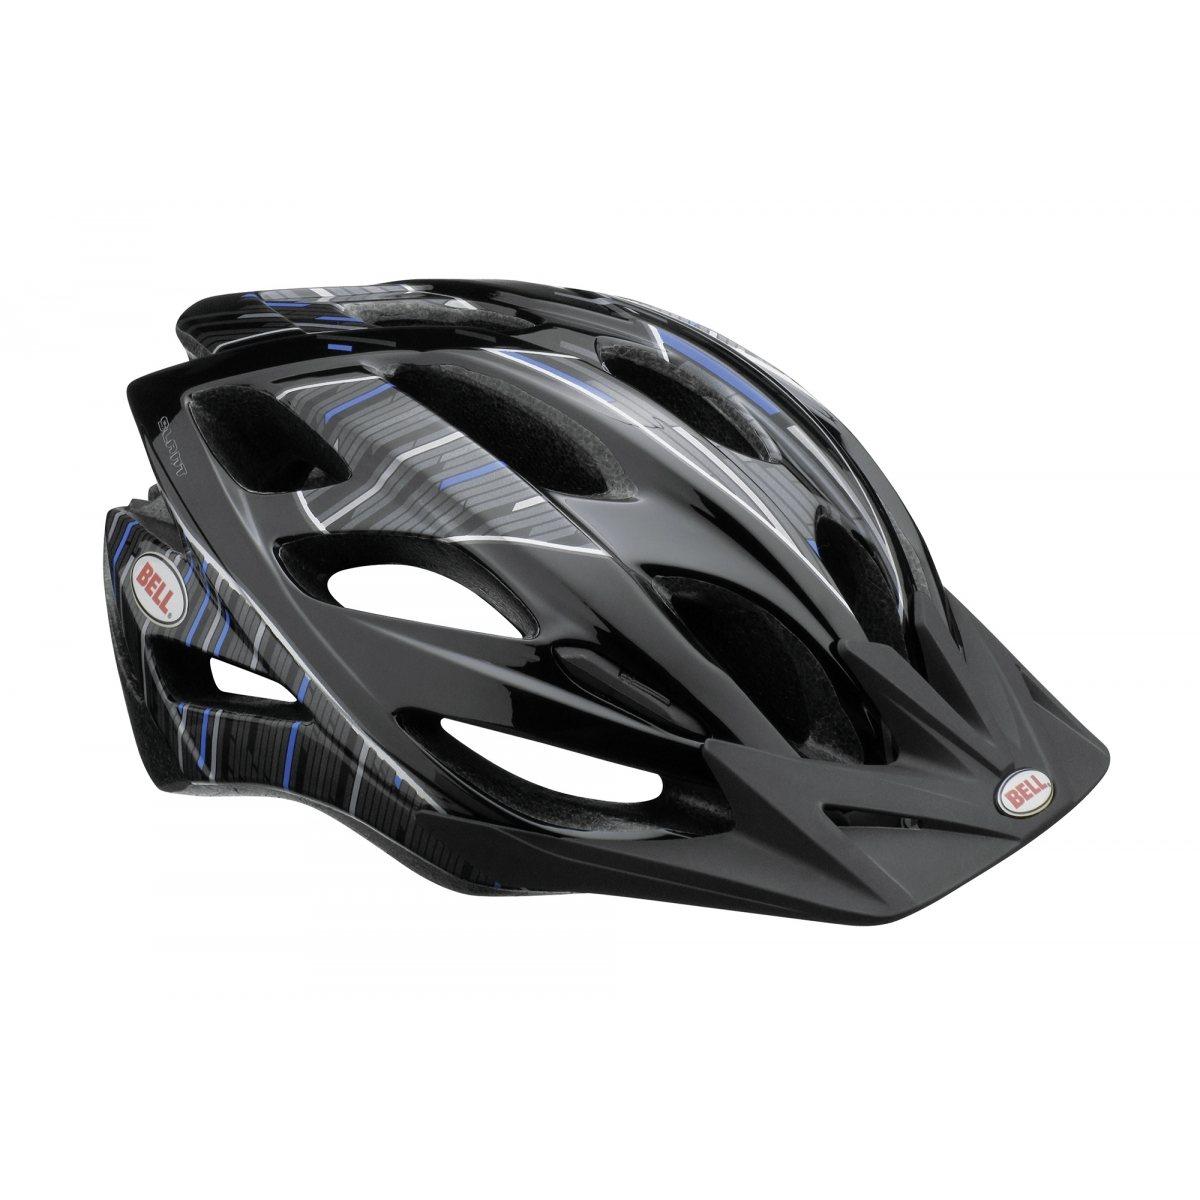 Choisir son casque de vélo : ce n'est pas une mince affaire